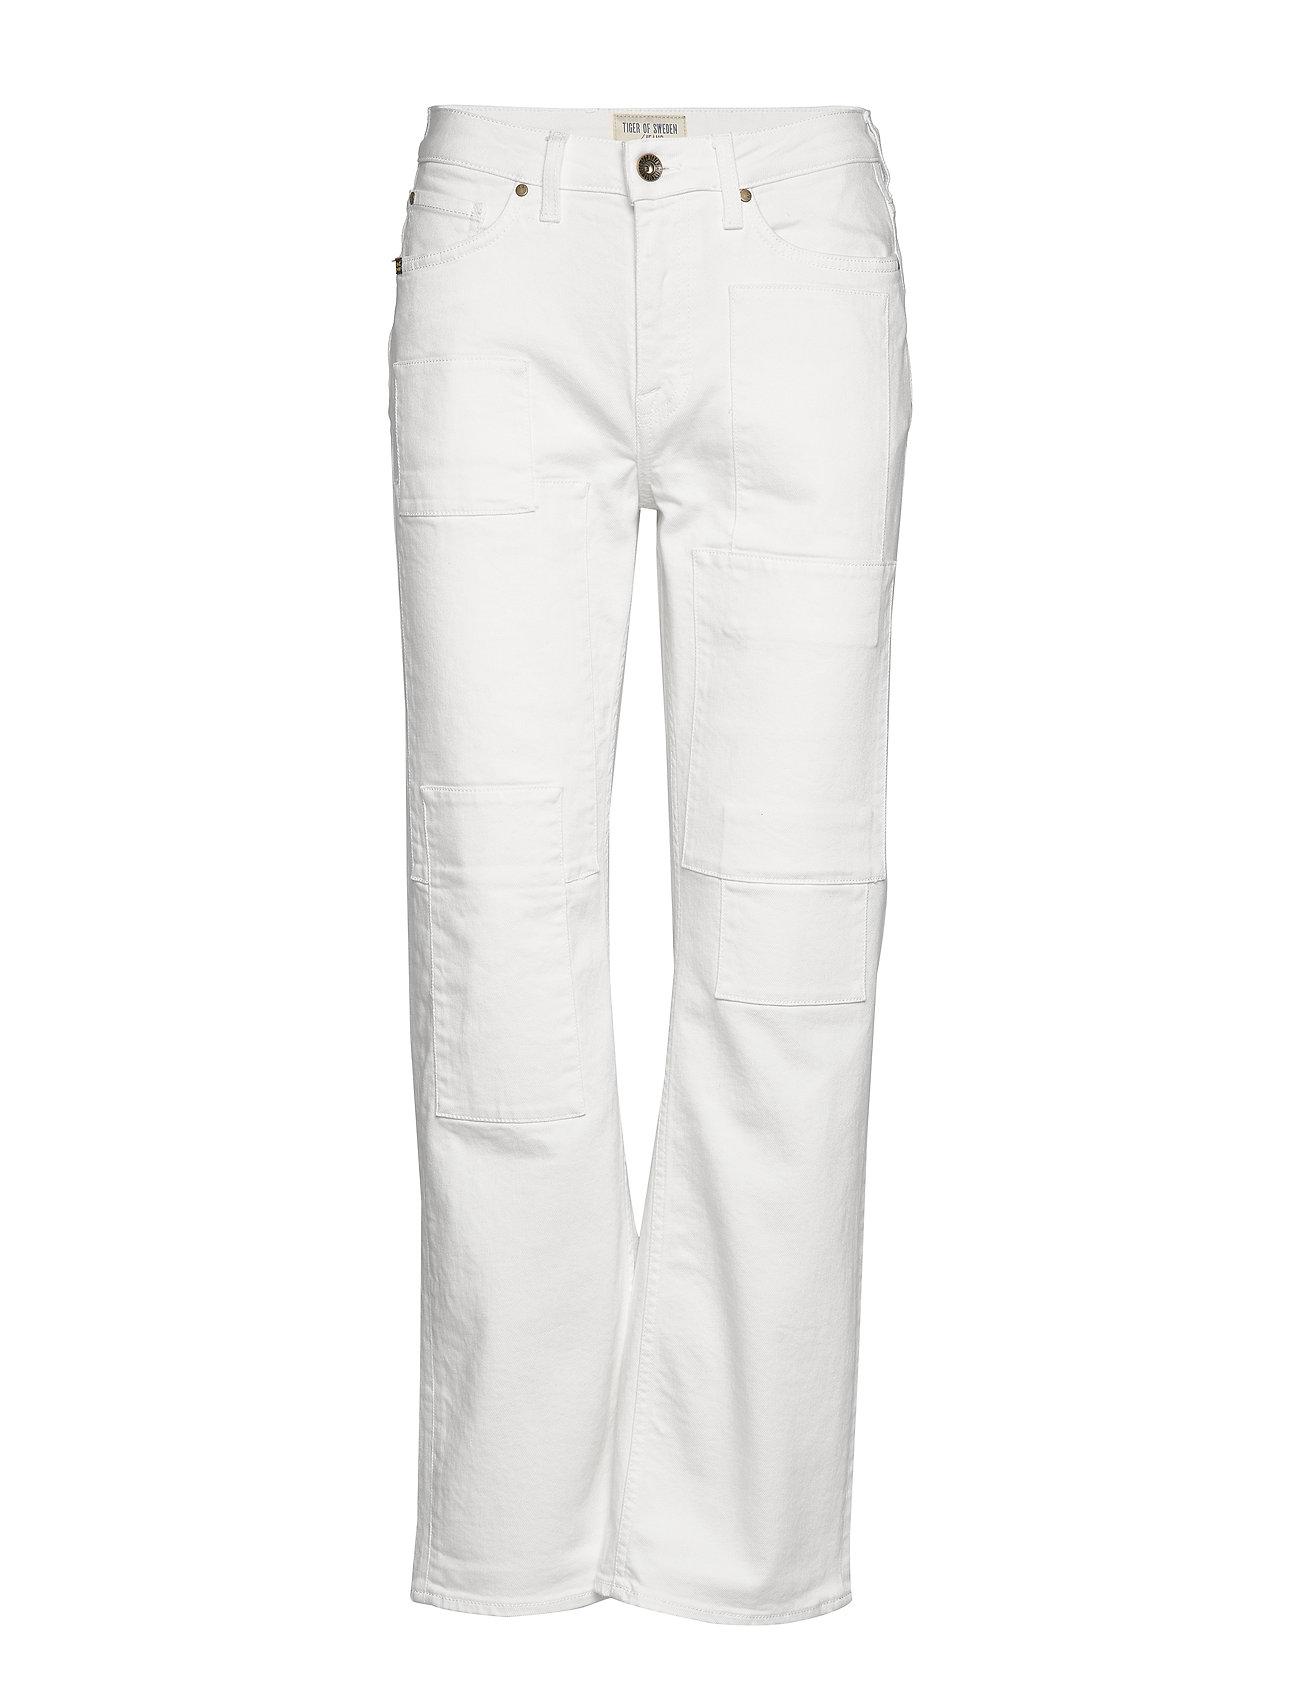 Tiger of Sweden Jeans FRAN - WHITE